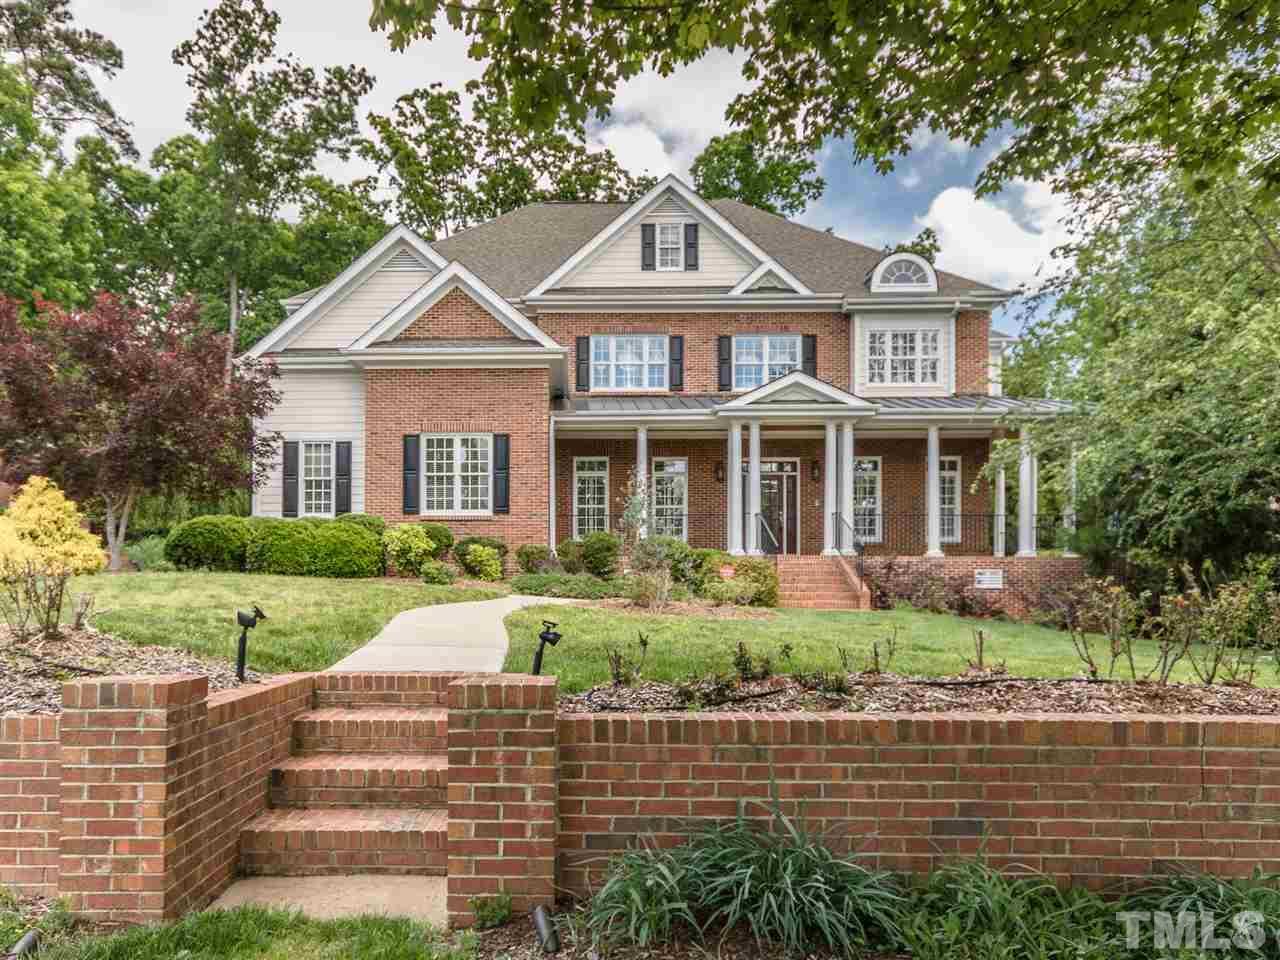 1332 The Preserve, Chapel Hill, NC 27517